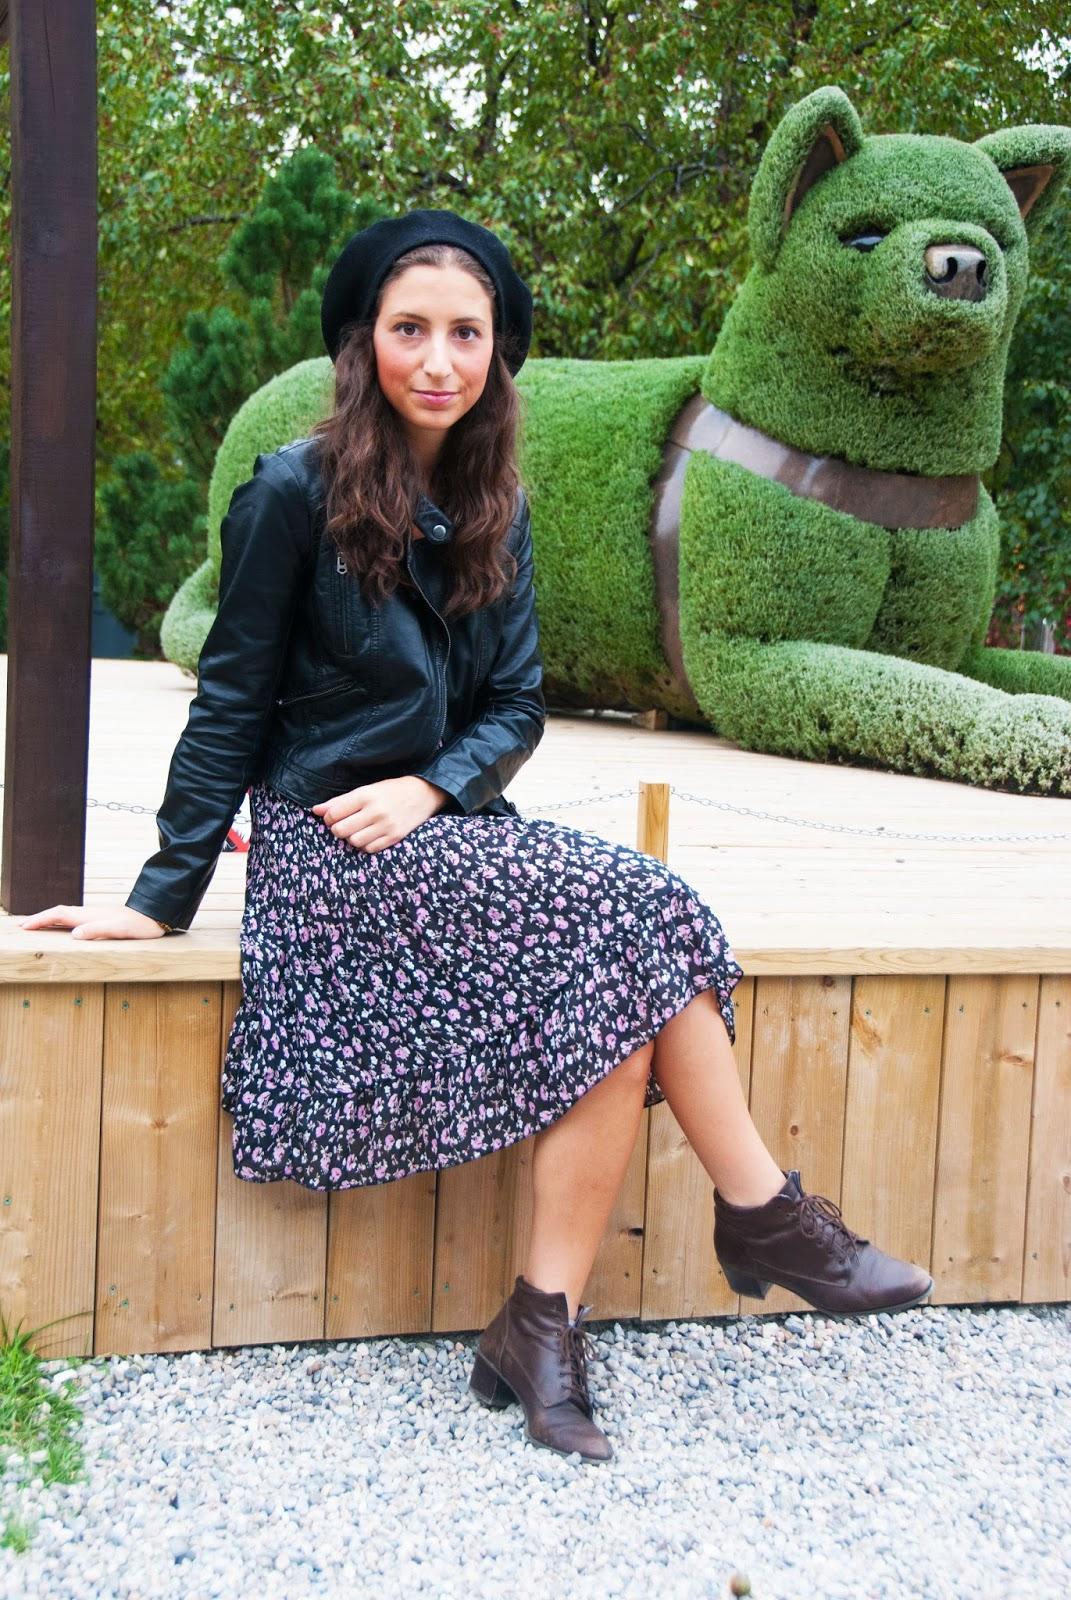 floral dress leather jacket black beret brown booties vintage horticultural sculptures fashion botanical gardens